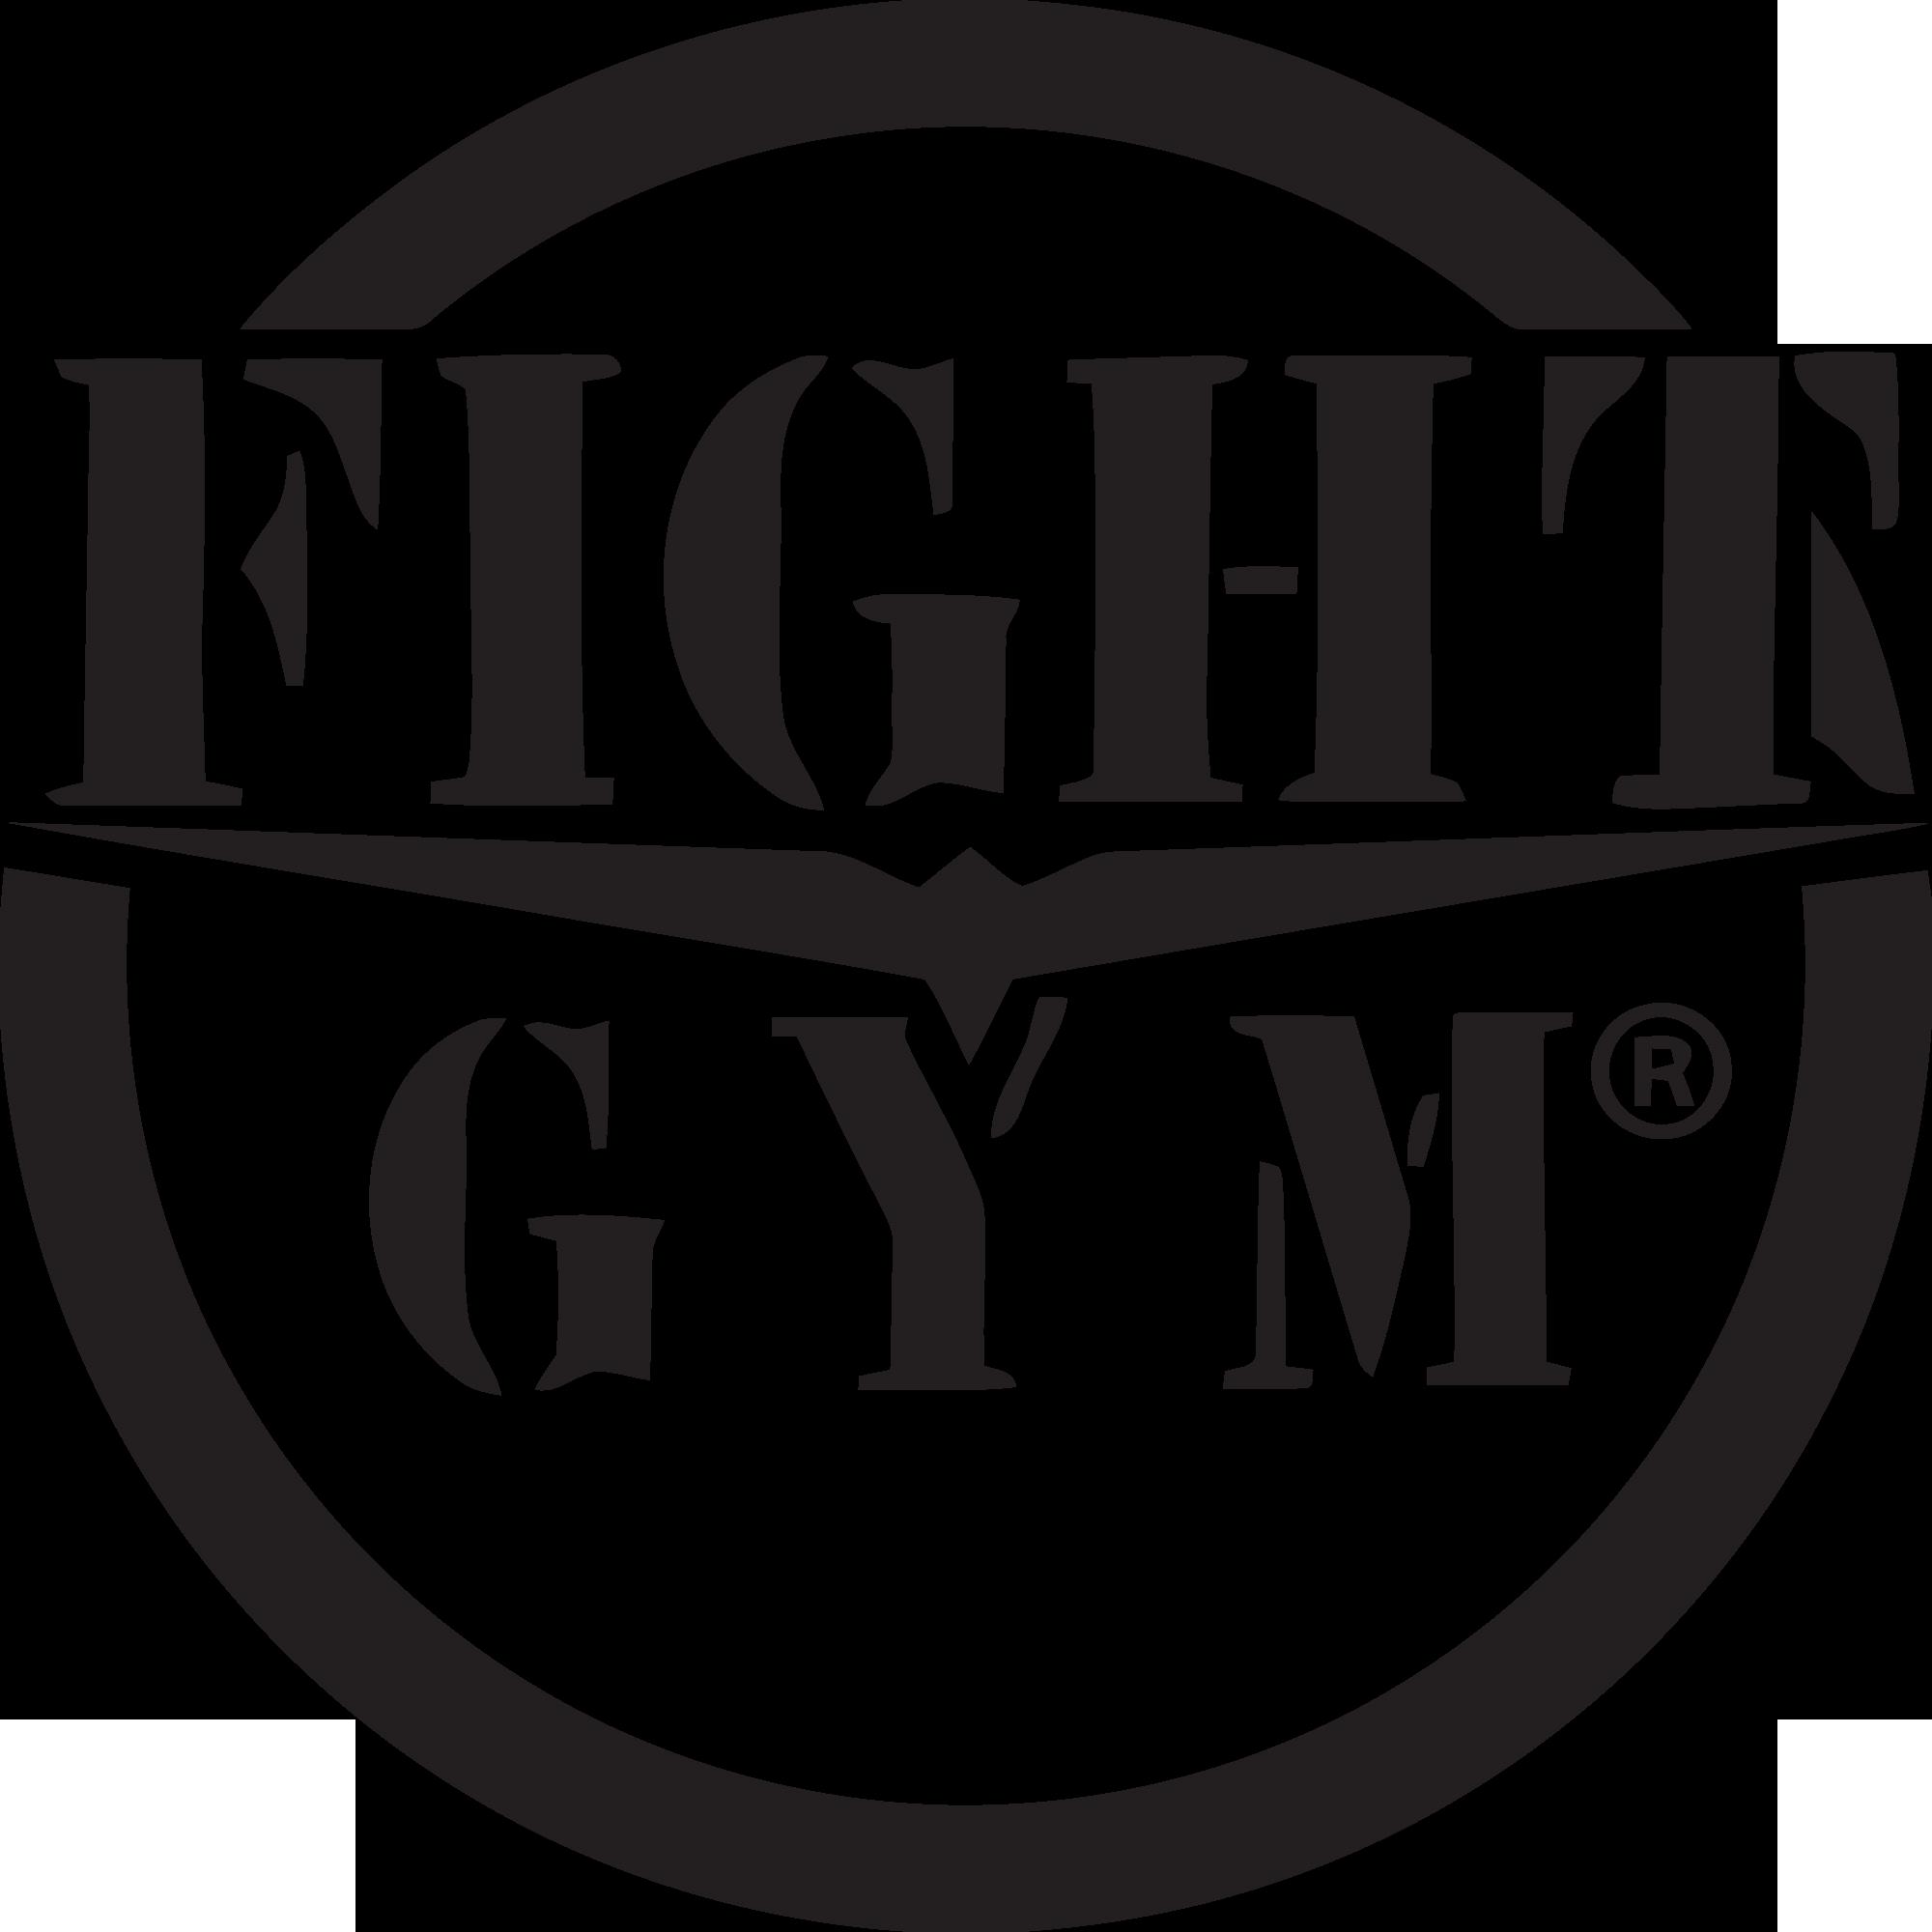 FightGym